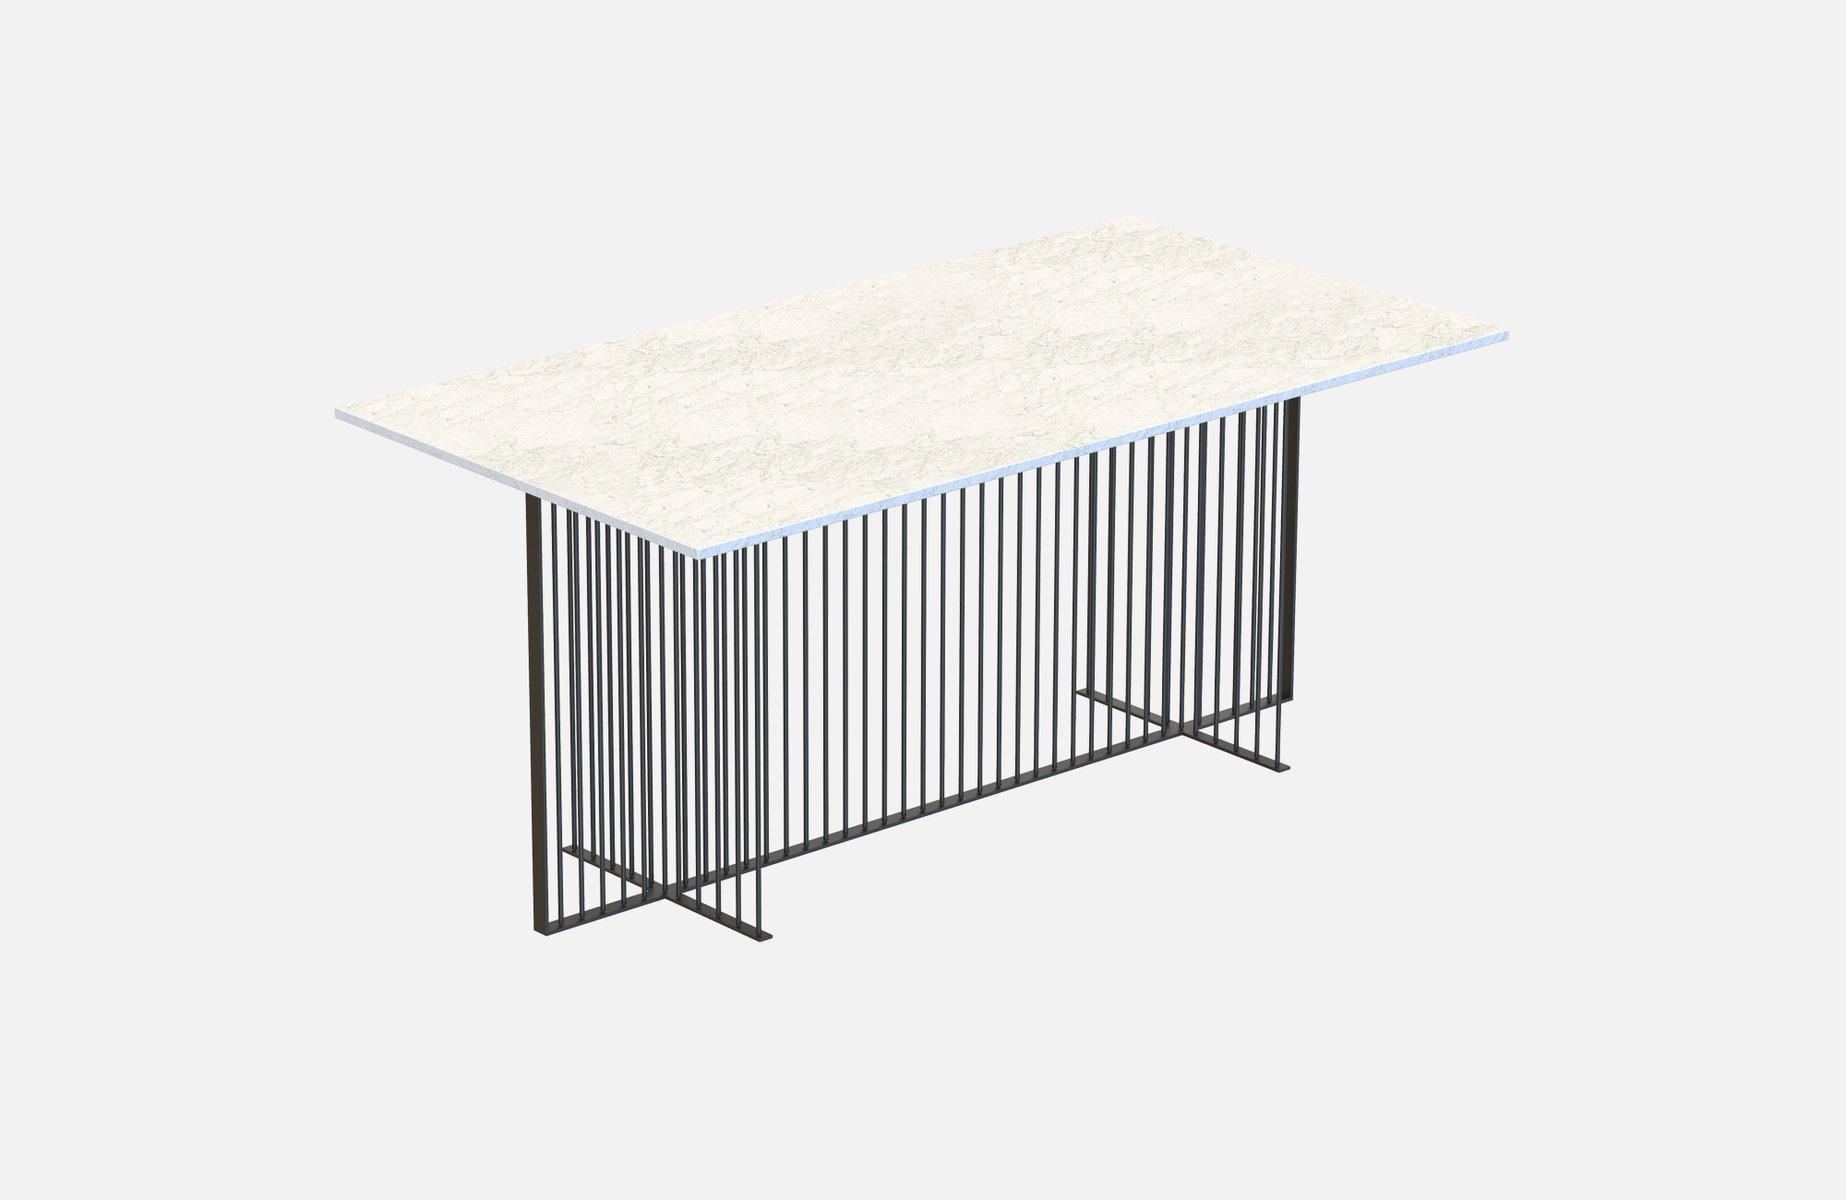 gro er schwarzer meister esstisch mit wei er tischplatte aus marmor von alex baser f r miist bei. Black Bedroom Furniture Sets. Home Design Ideas